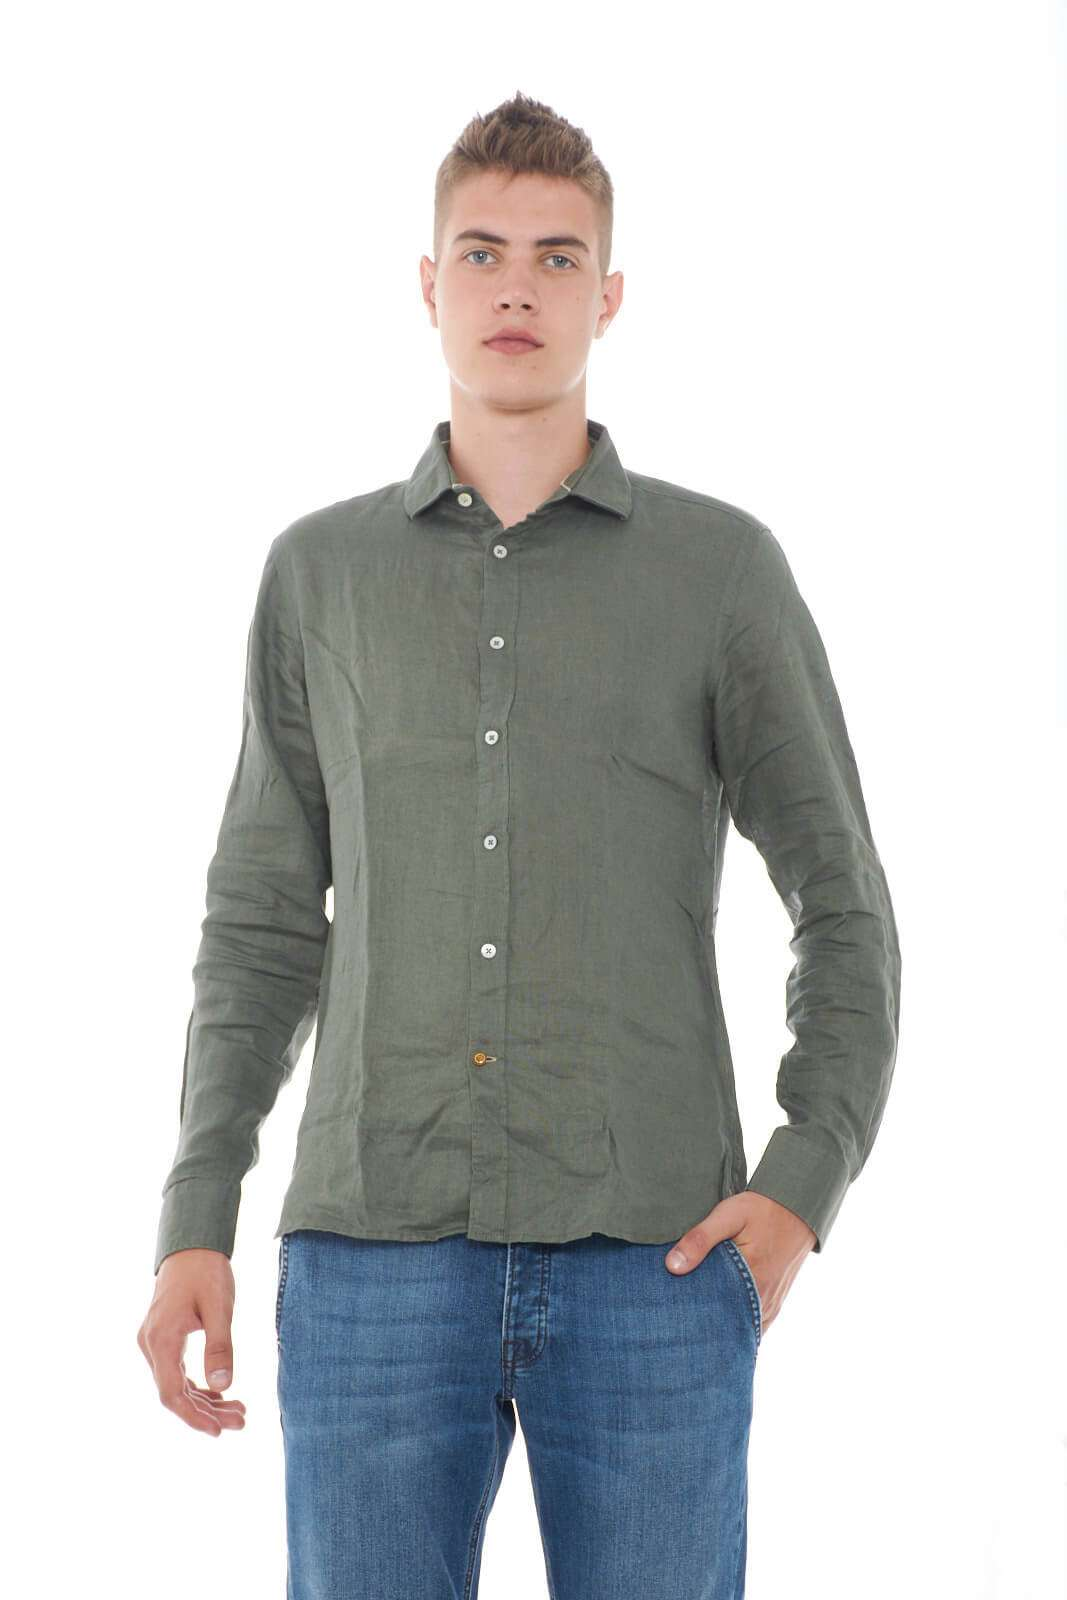 Una camicia casual e informale, firmata Alley Docks. L'ideale per look fashion e moderni, non troppo impegnativi, ma comunque impeccabili. Per l'uomo che ama i compromessi.